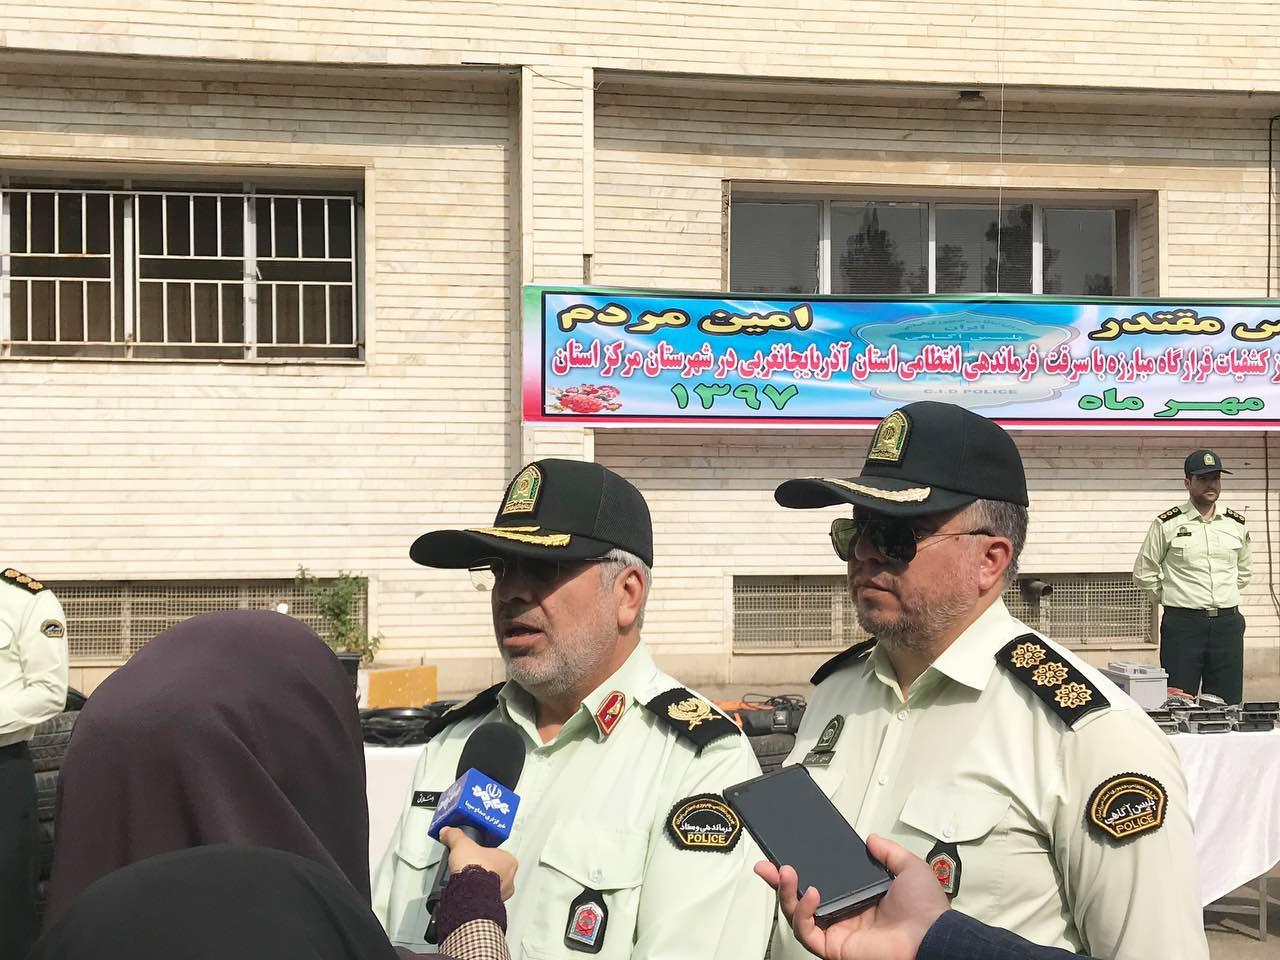 پلیس آگاهی آذربایجان غربی صاحب خودروی پلاک خوان شد / دستگیری ۱۳۸ سارق در مهرماه